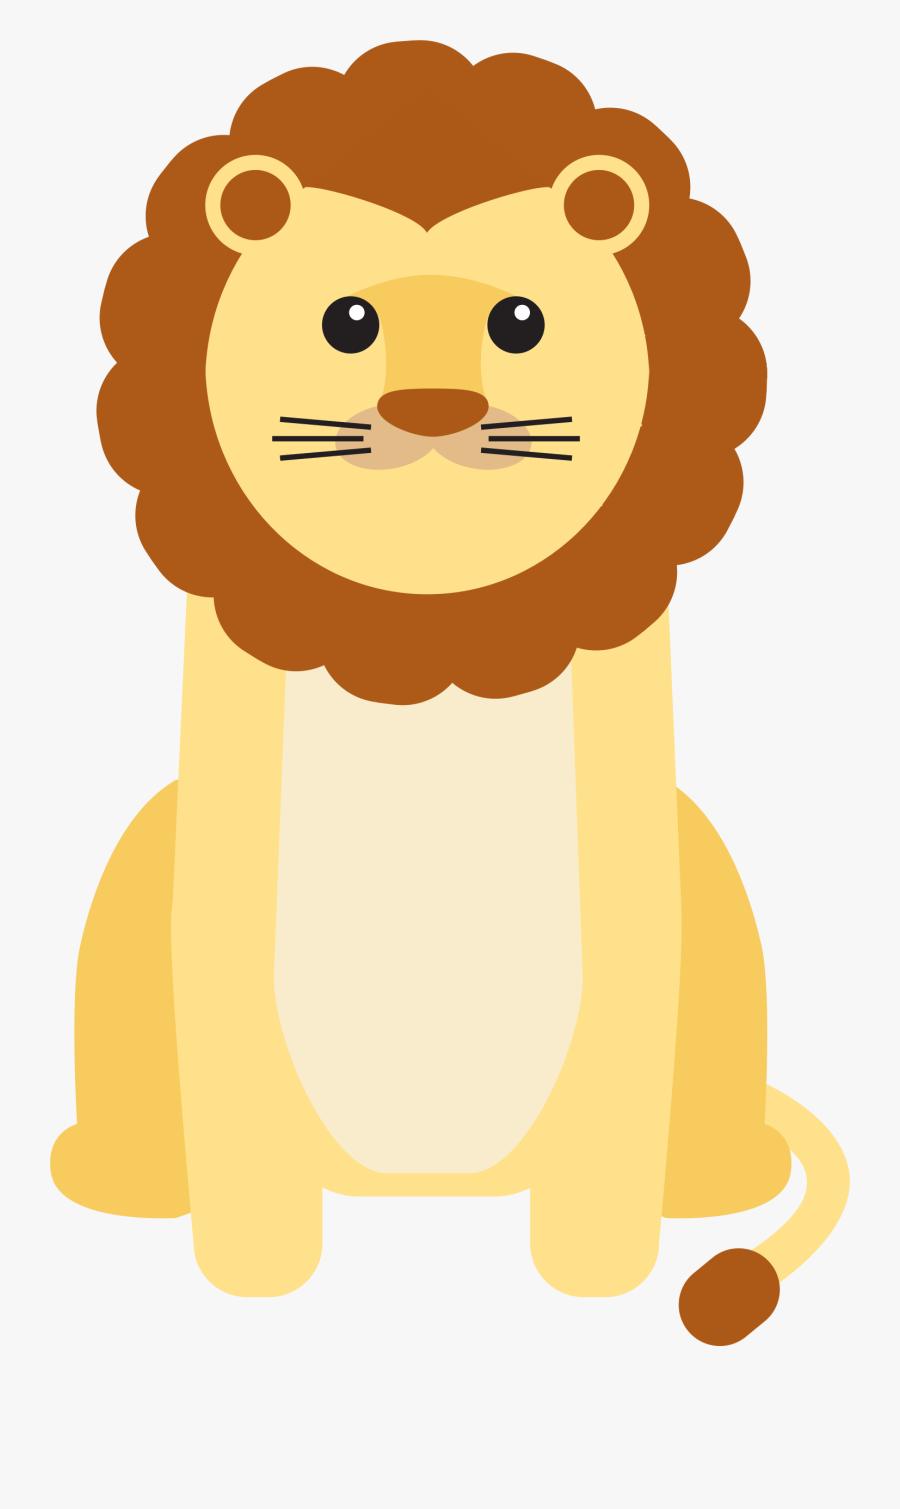 Transparent Lions Clipart - Baby Lion King Clipart Transparent, Transparent Clipart